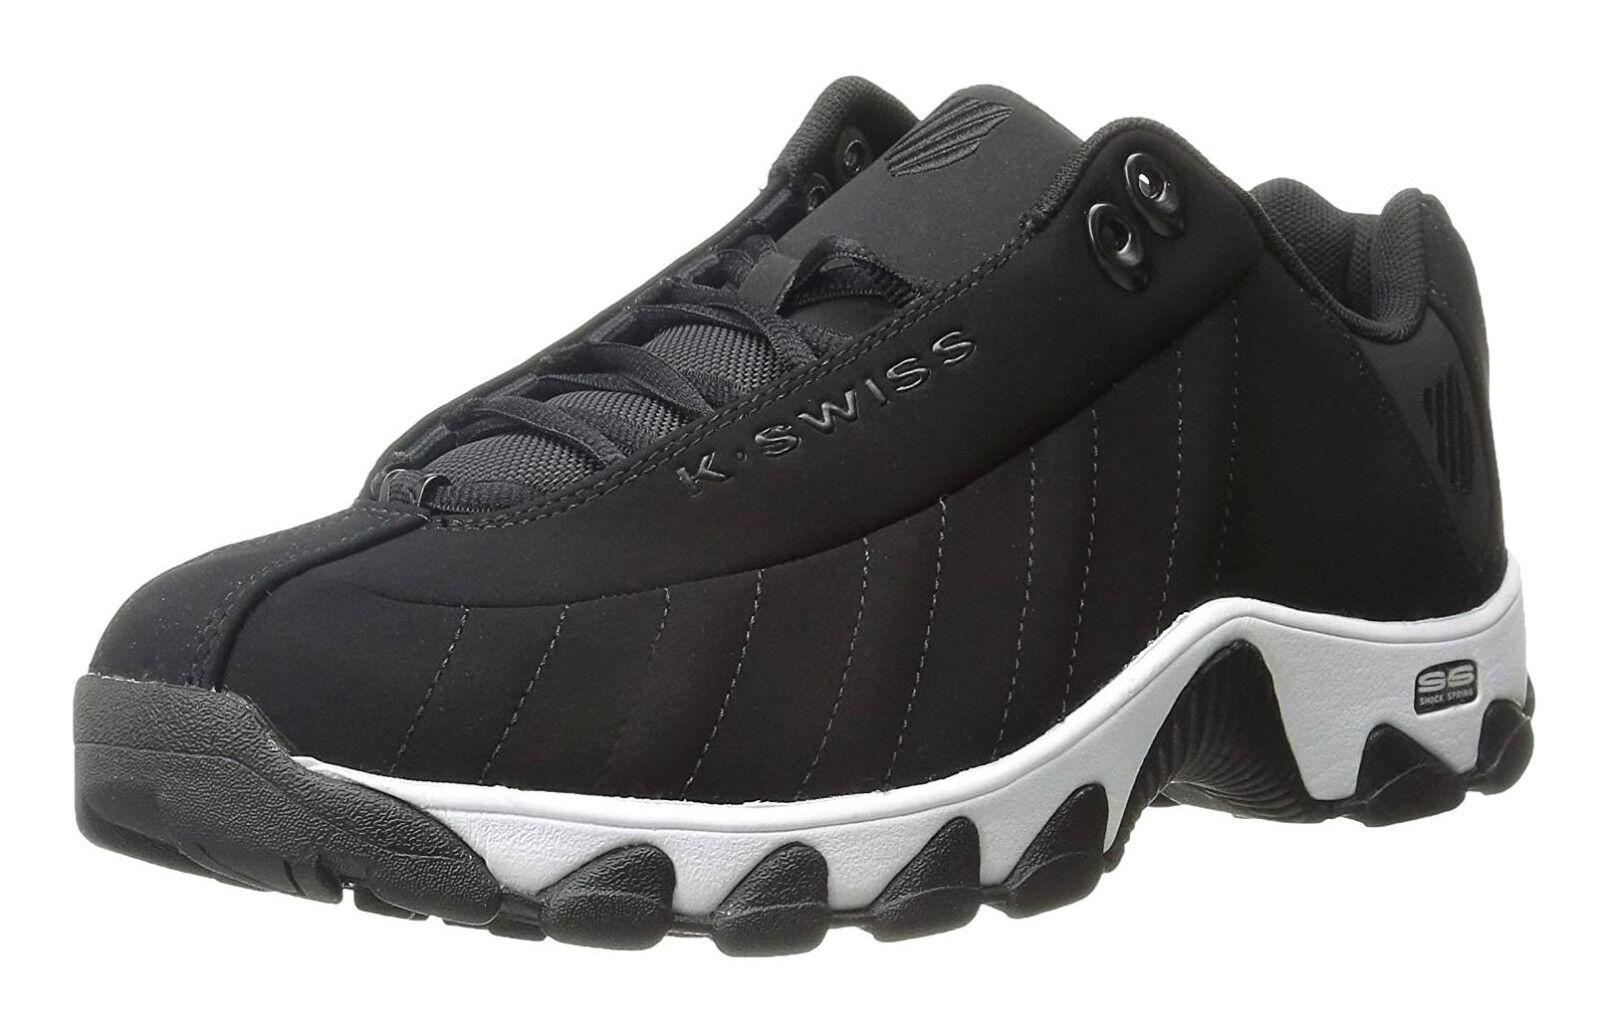 K-Swiss ST329 CMF Negro, blancoo para Hombre Zapatos tenis de entrenamiento 03426-002-M